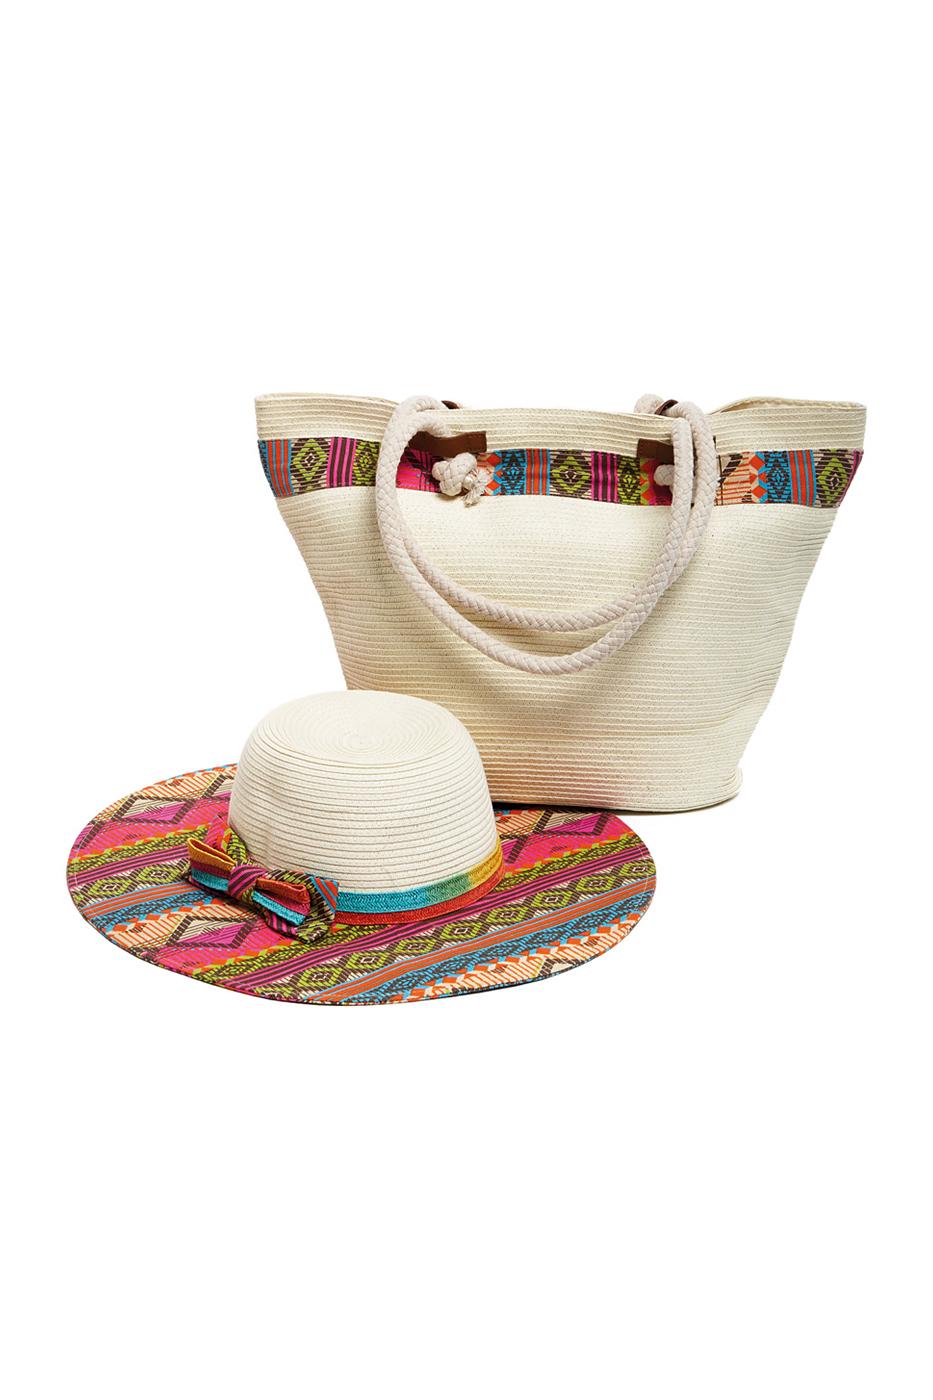 Комплект Moltini: сумка, шляпа, цвет: молочный, мультиколор. 15X00815X008Оригинальный пляжный комплект Moltini, состоящий из сумки и шляпы, выполнен из плотного текстиля. Комплект выполнен в едином стиле и оформлен контрастными оттенками. Сумка состоит из одного вместительного отделения и закрывается на магнитную кнопку. Внутри размещены два накладных кармана для телефона и мелочей и один вшитый карман на молнии. Оригинальная форма ручек и натуральные материалы делают эту сумку особенно удобной для ношения на плече. Шляпа надежно защитит волосы и лицо от ярких солнечных лучей. Шляпа выполнена в едином стиле с сумкой и достойно завершит комплект. Комплект Moltini идеально подойдет для похода на пляж, для загородной поездки.